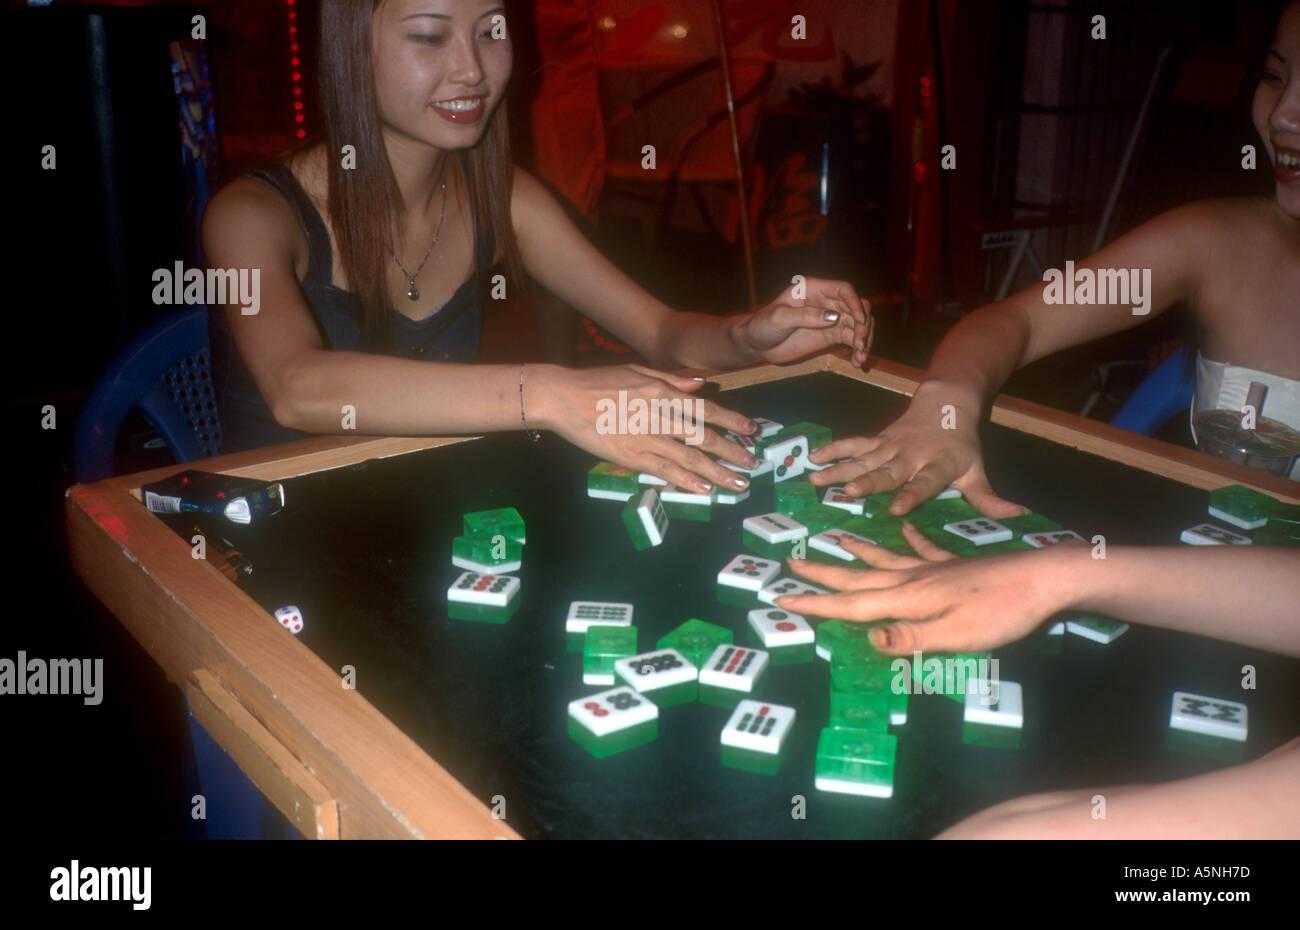 online casino in myanmar